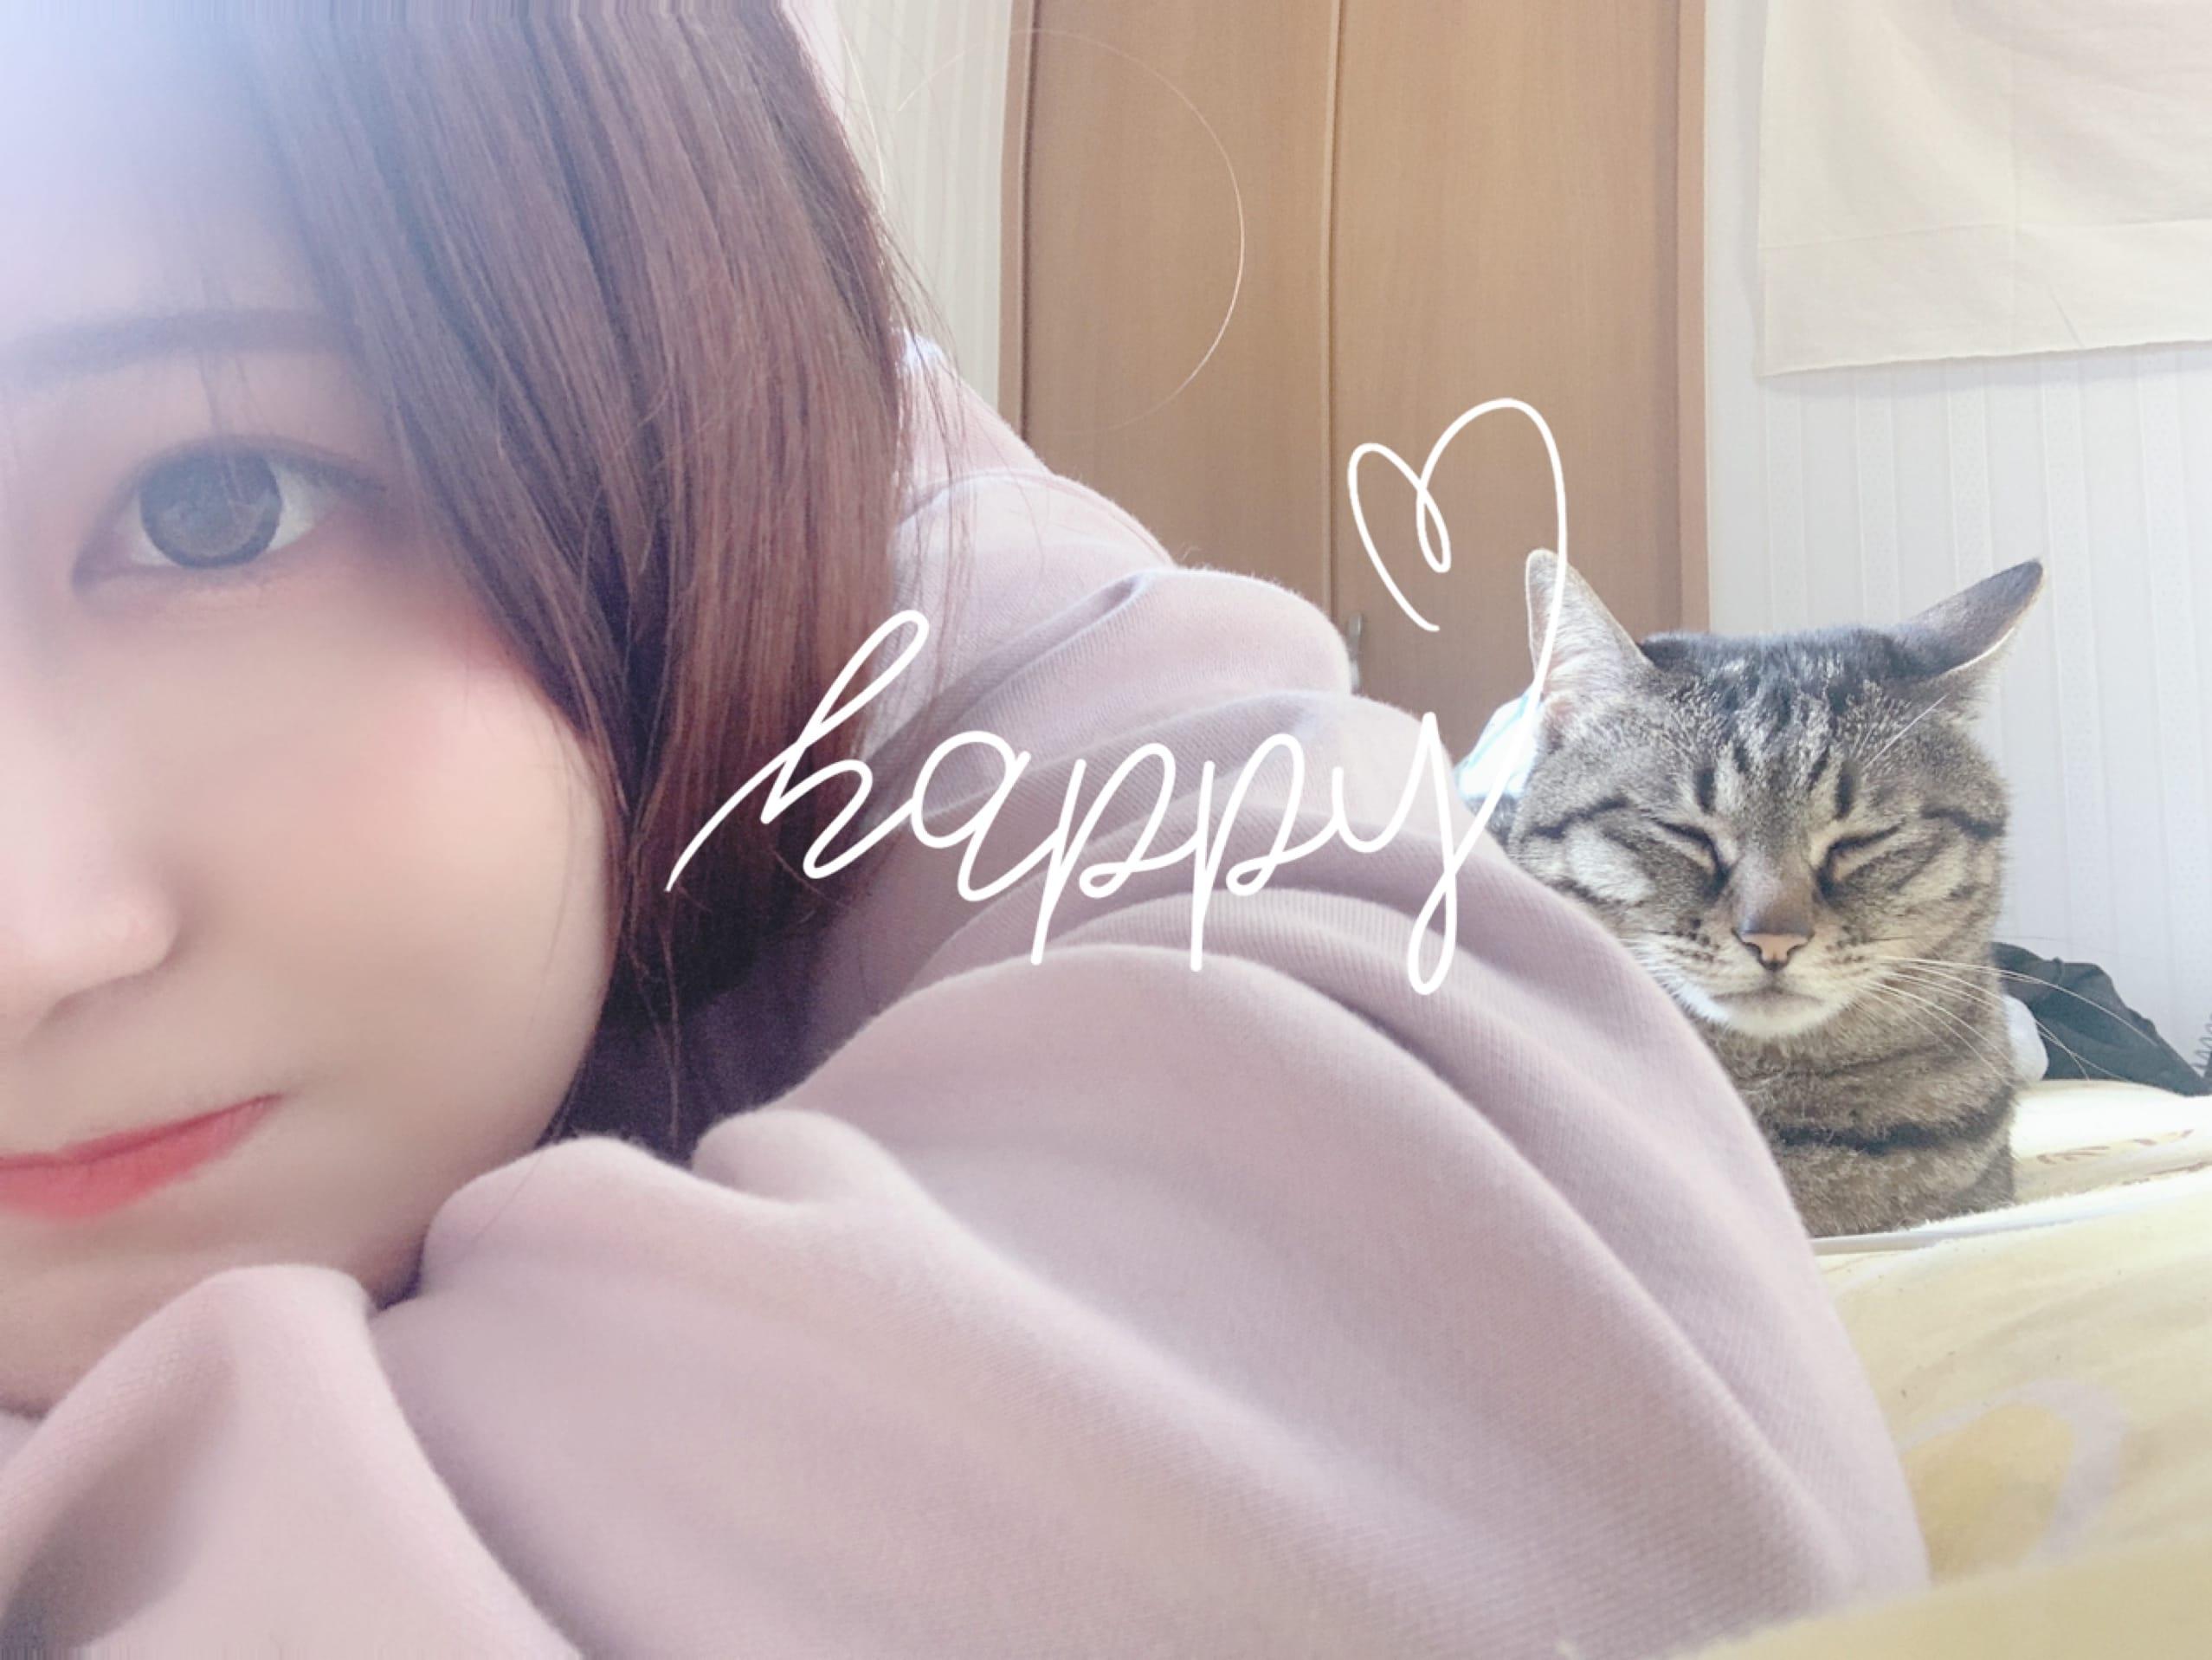 「こんにちはฅ•ω•ฅ」05/04(火) 13:58   優愛 (ゆあ)・Bランクの写メ日記